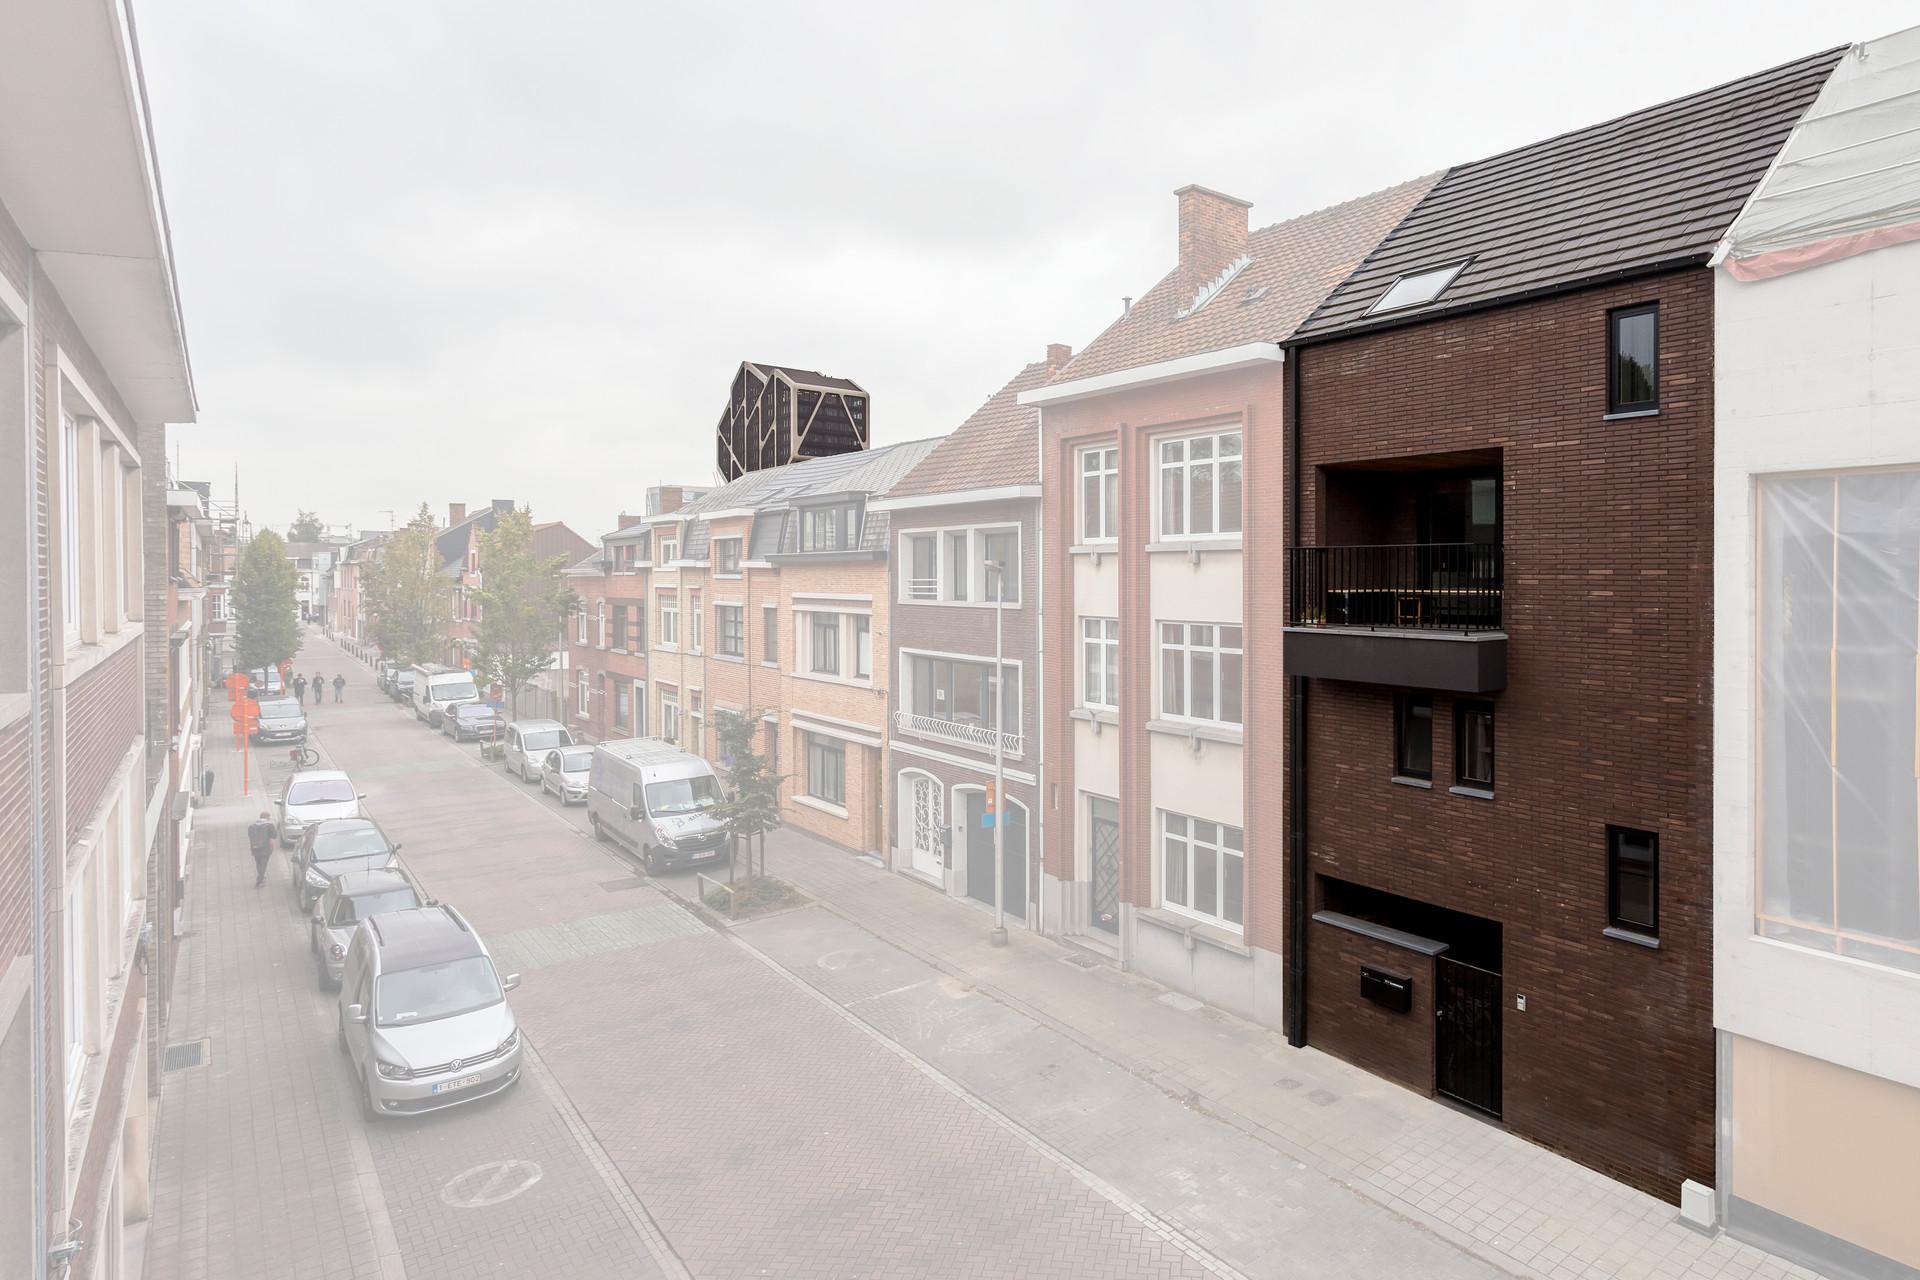 Tussenwoning Hasselt High Res-9_AANGEPAS